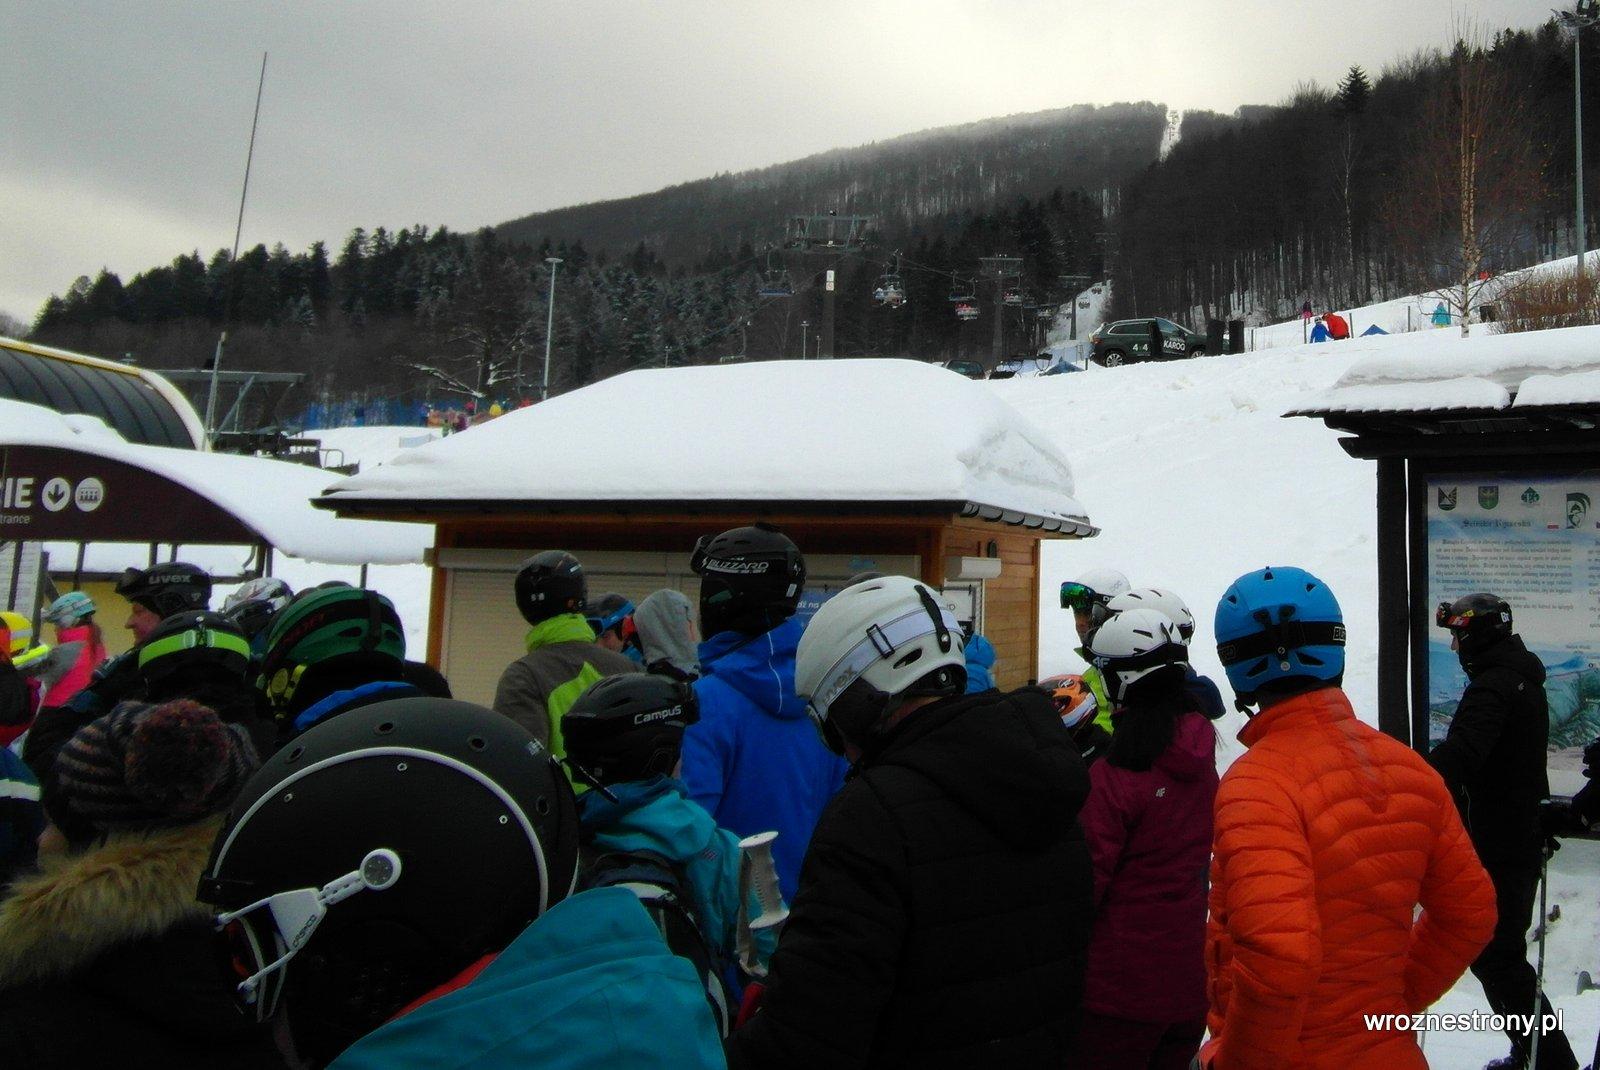 Wśród narciarzy czekających na wjazd kolejką na Czantorię